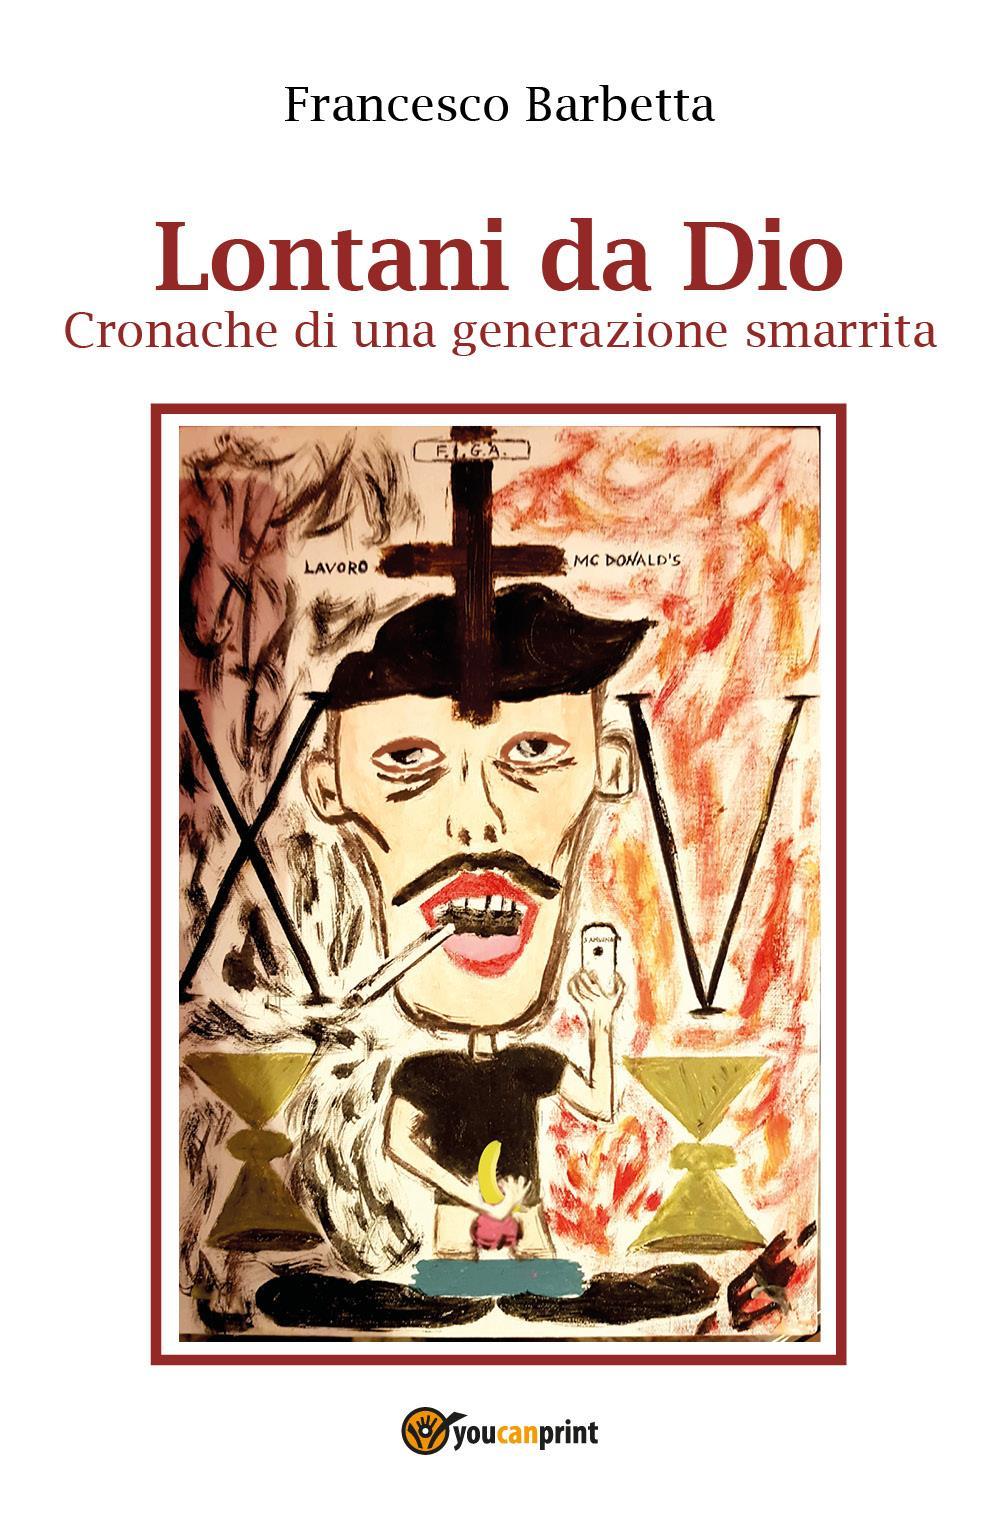 Lontani da Dio - Cronache di una generazione smarrita